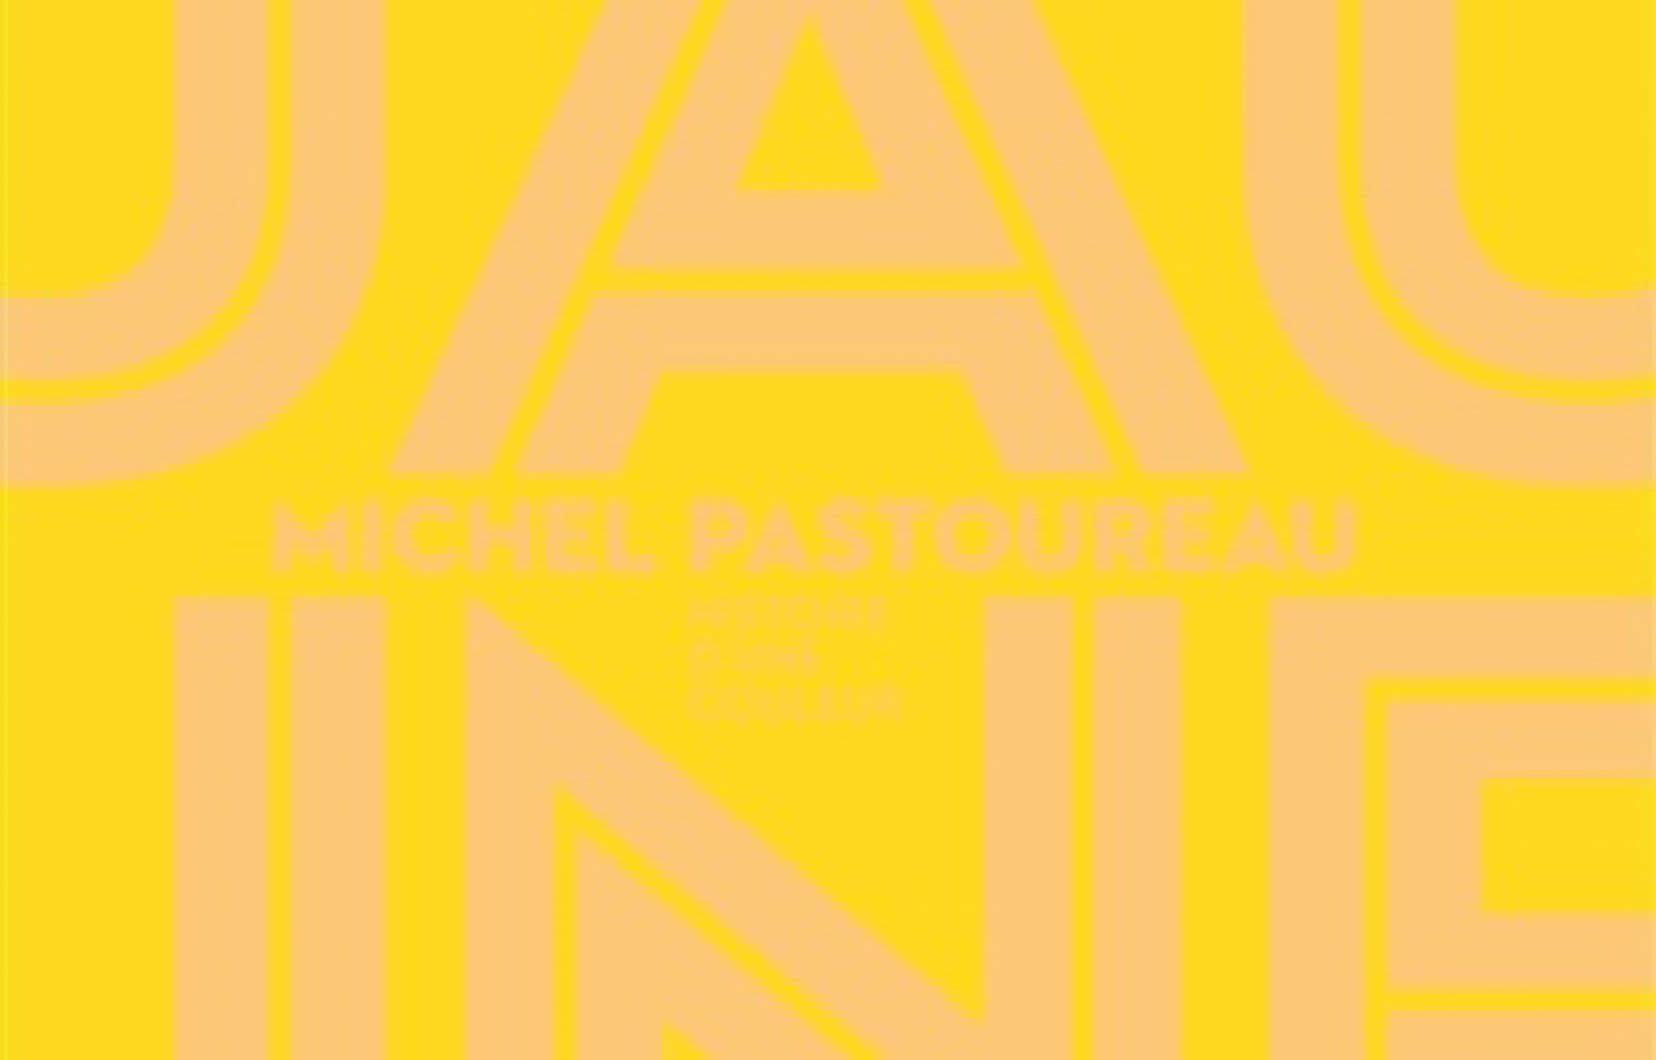 Toutes les couleurs, rappelle Pastoureau dans son œuvre, ne sont pas de simples éléments tirés de la nature. C'est la société qui s'en empare et leur donne un sens.